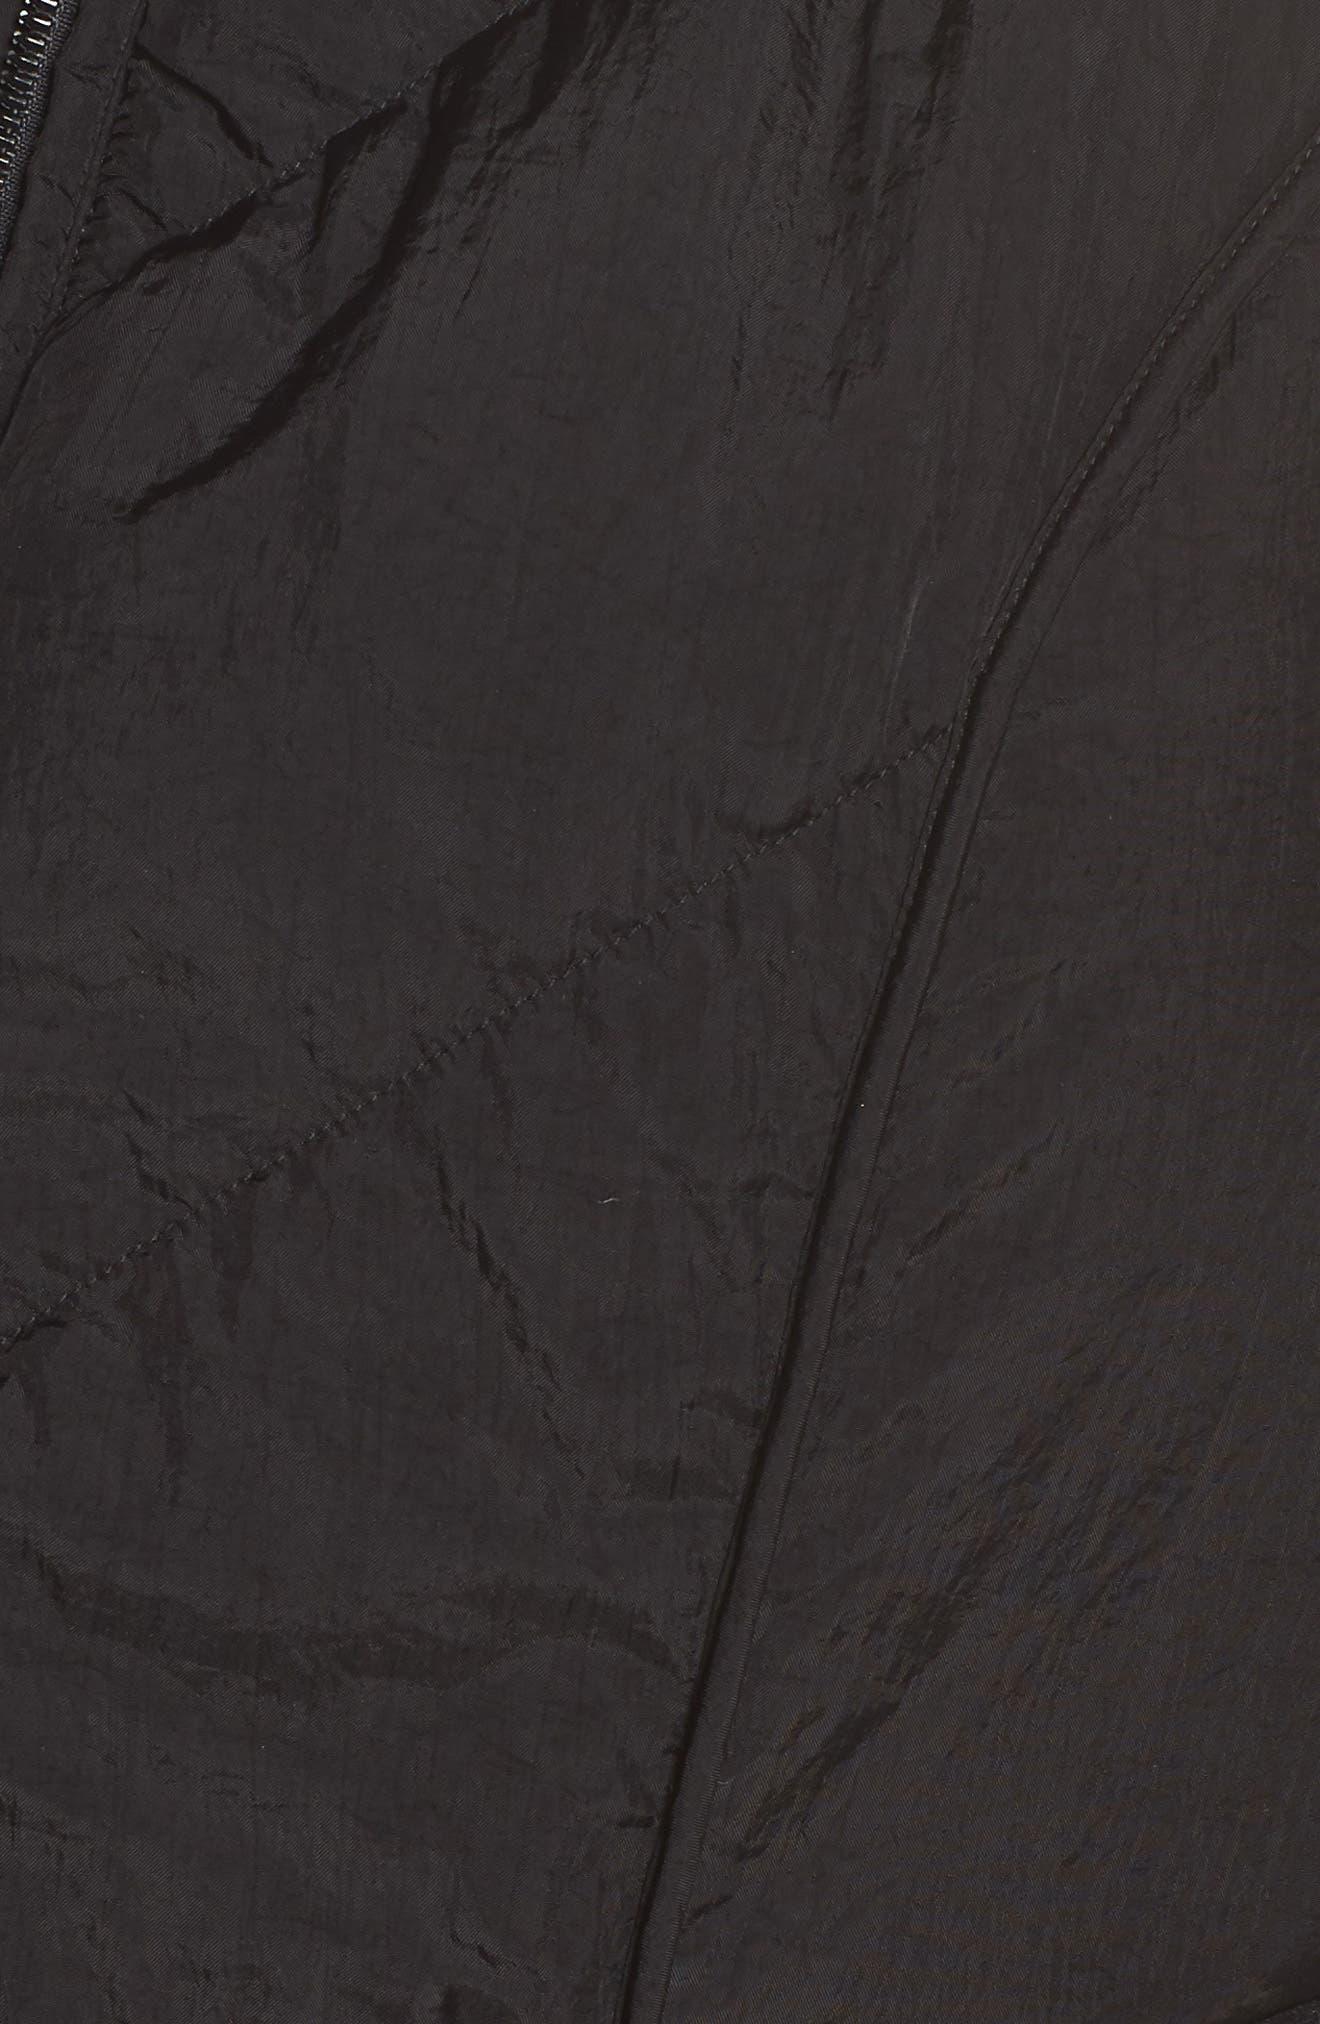 Packable Pillow Collar Vest,                             Alternate thumbnail 6, color,                             Black